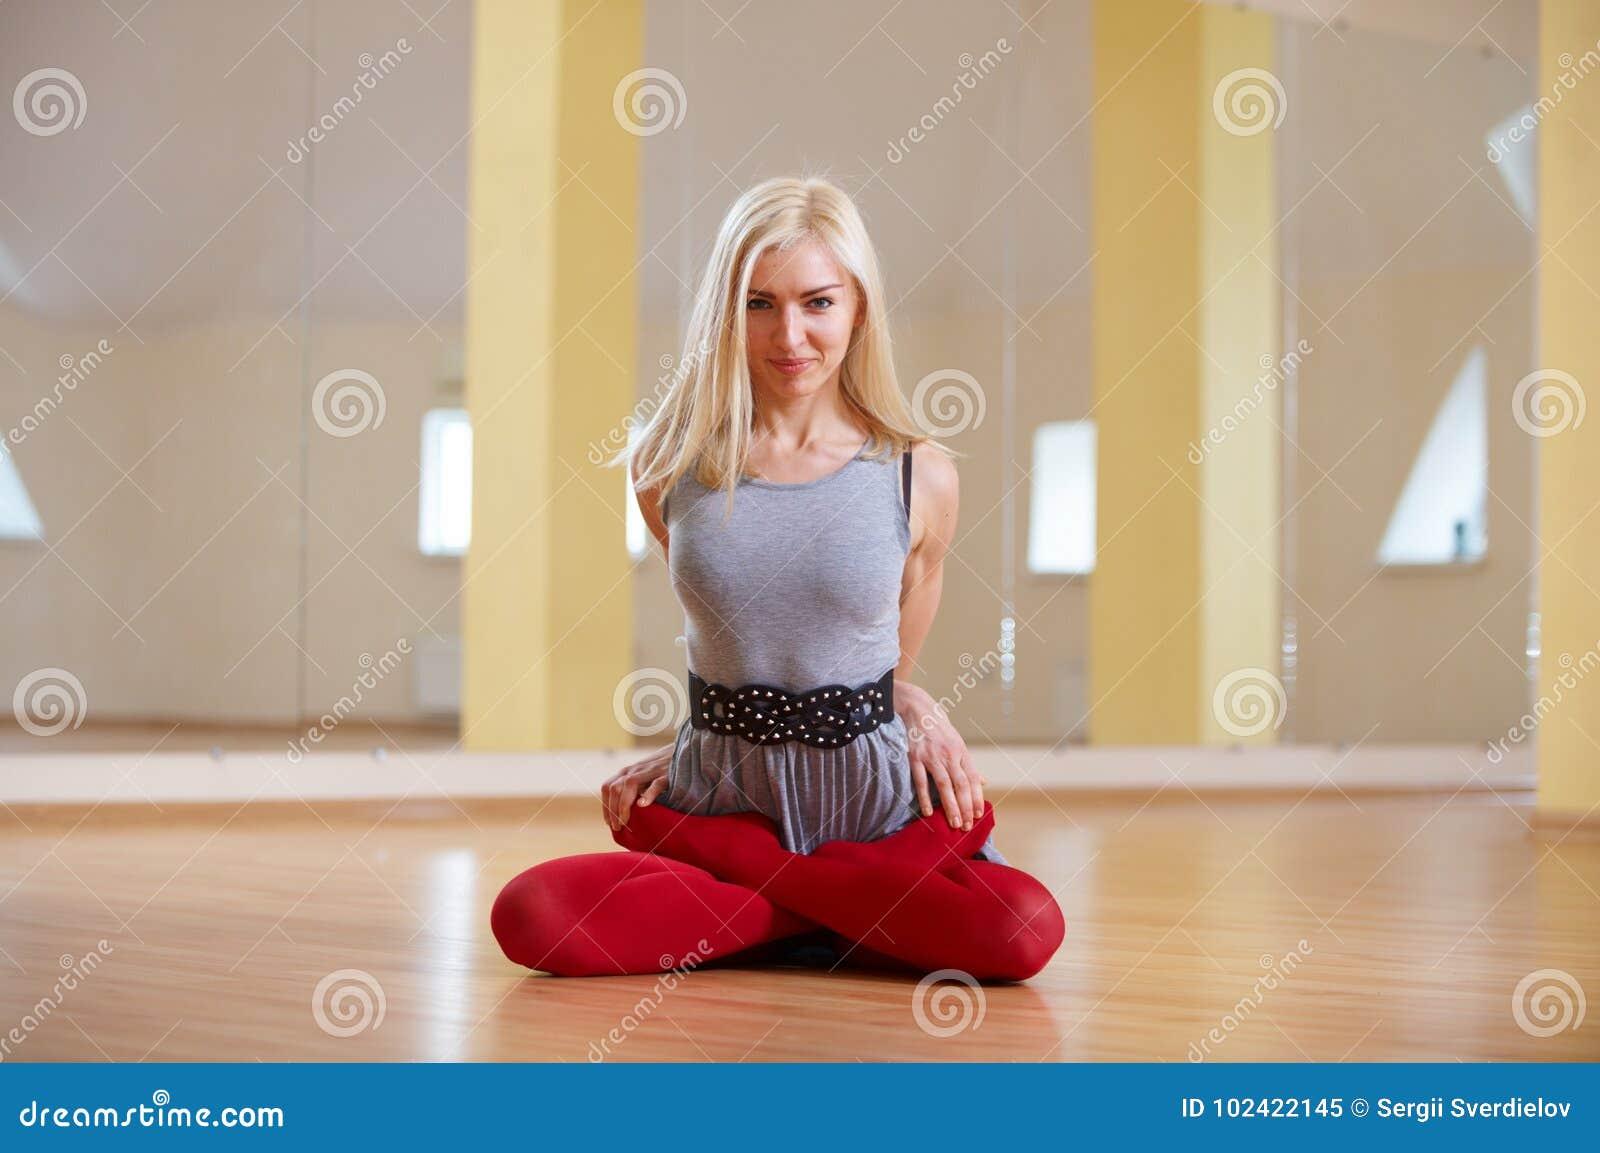 Piękna sporty dysponowana jog kobieta ćwiczy joga asana Padmasana - Lotosowa poza w sprawność fizyczna pokoju